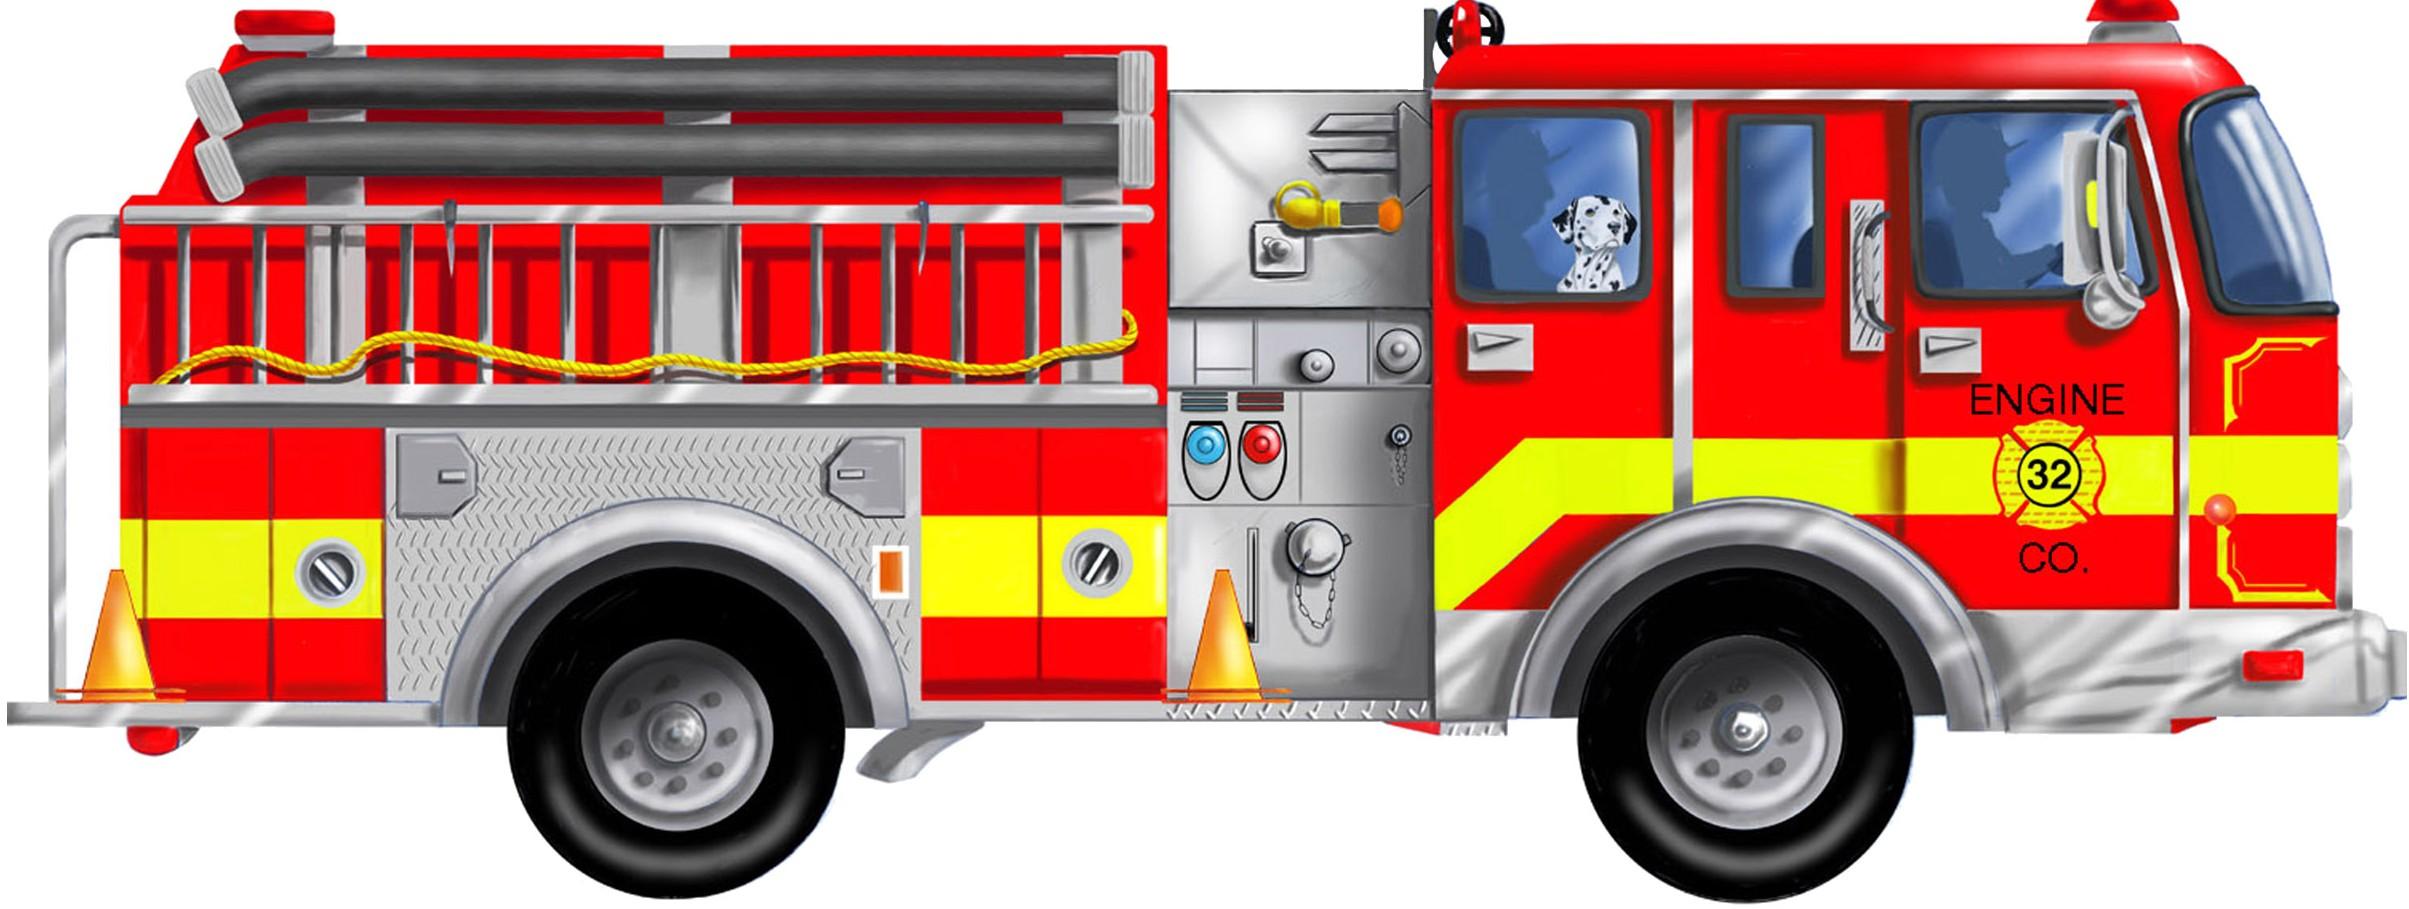 Fire truck clip art to Fire Truck Clipart 2